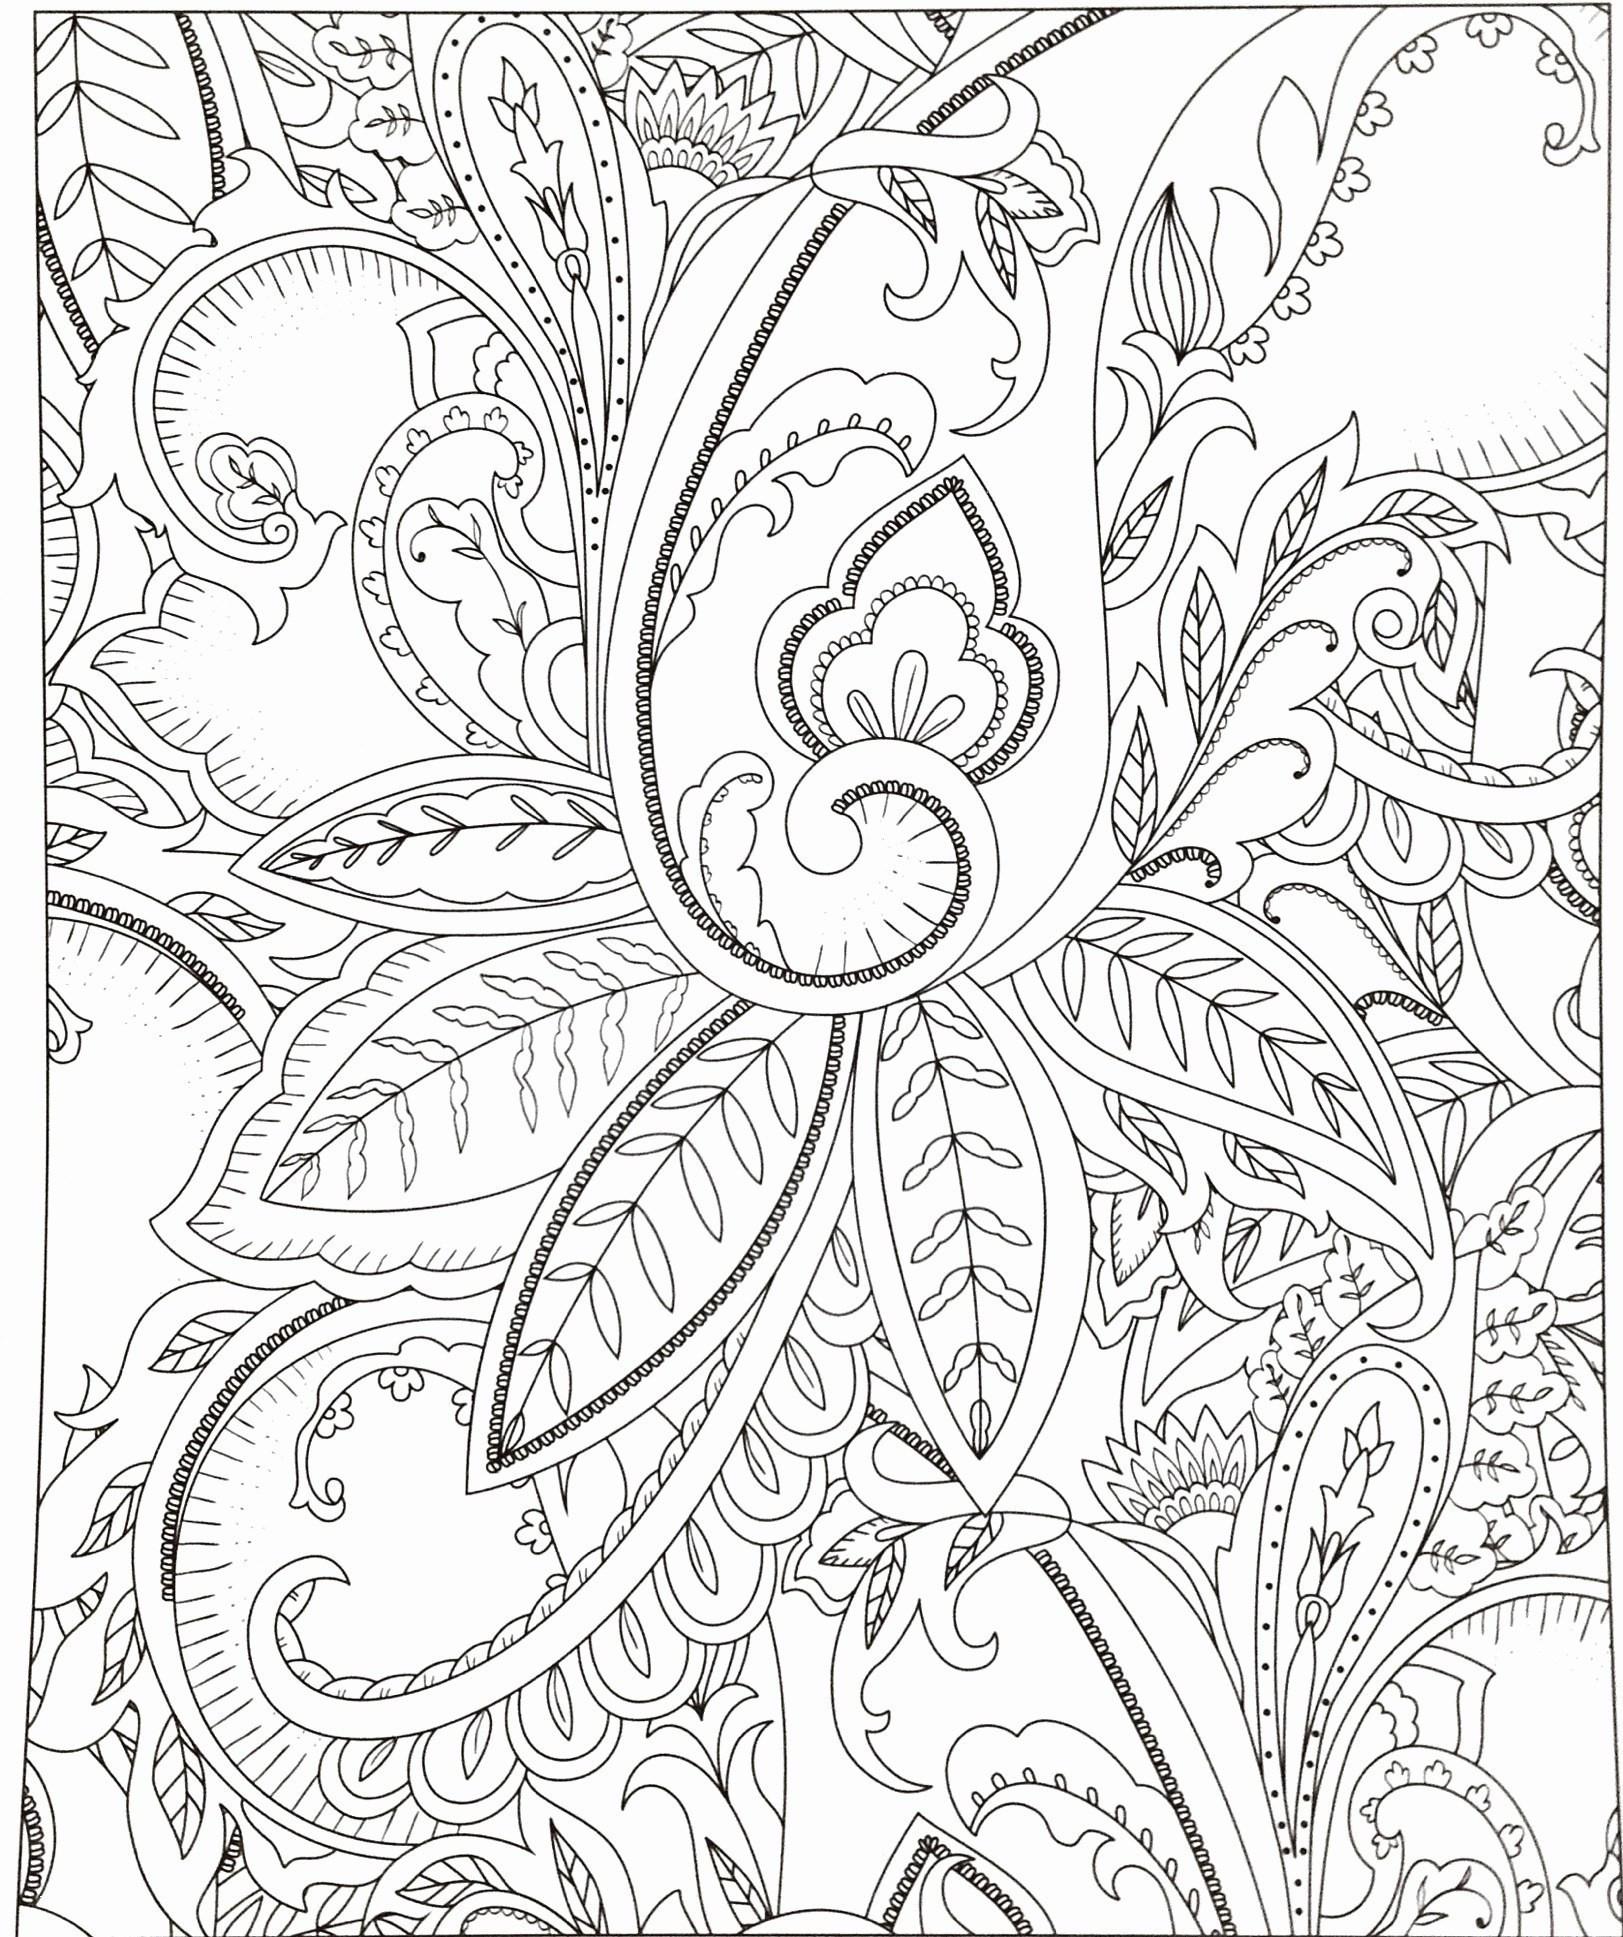 Rosen Bilder Zum Ausmalen Genial Blumenbilder Zum Zeichnen Wunderschöne 35 Blumen Ausmalbilder Galerie